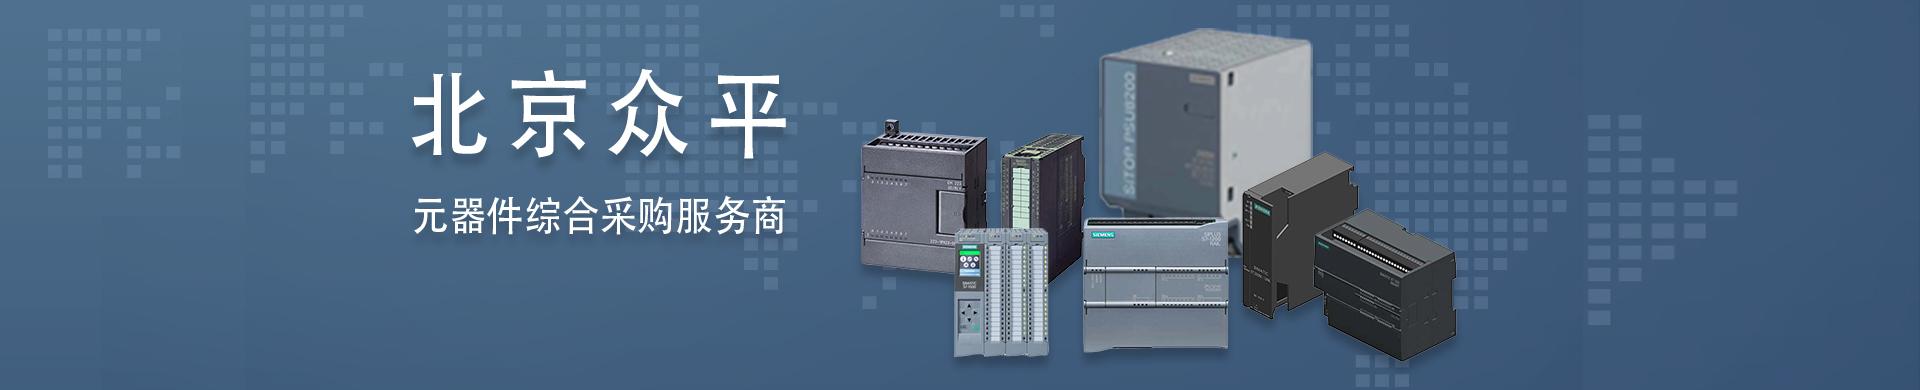 北京众平科技股份有限公司